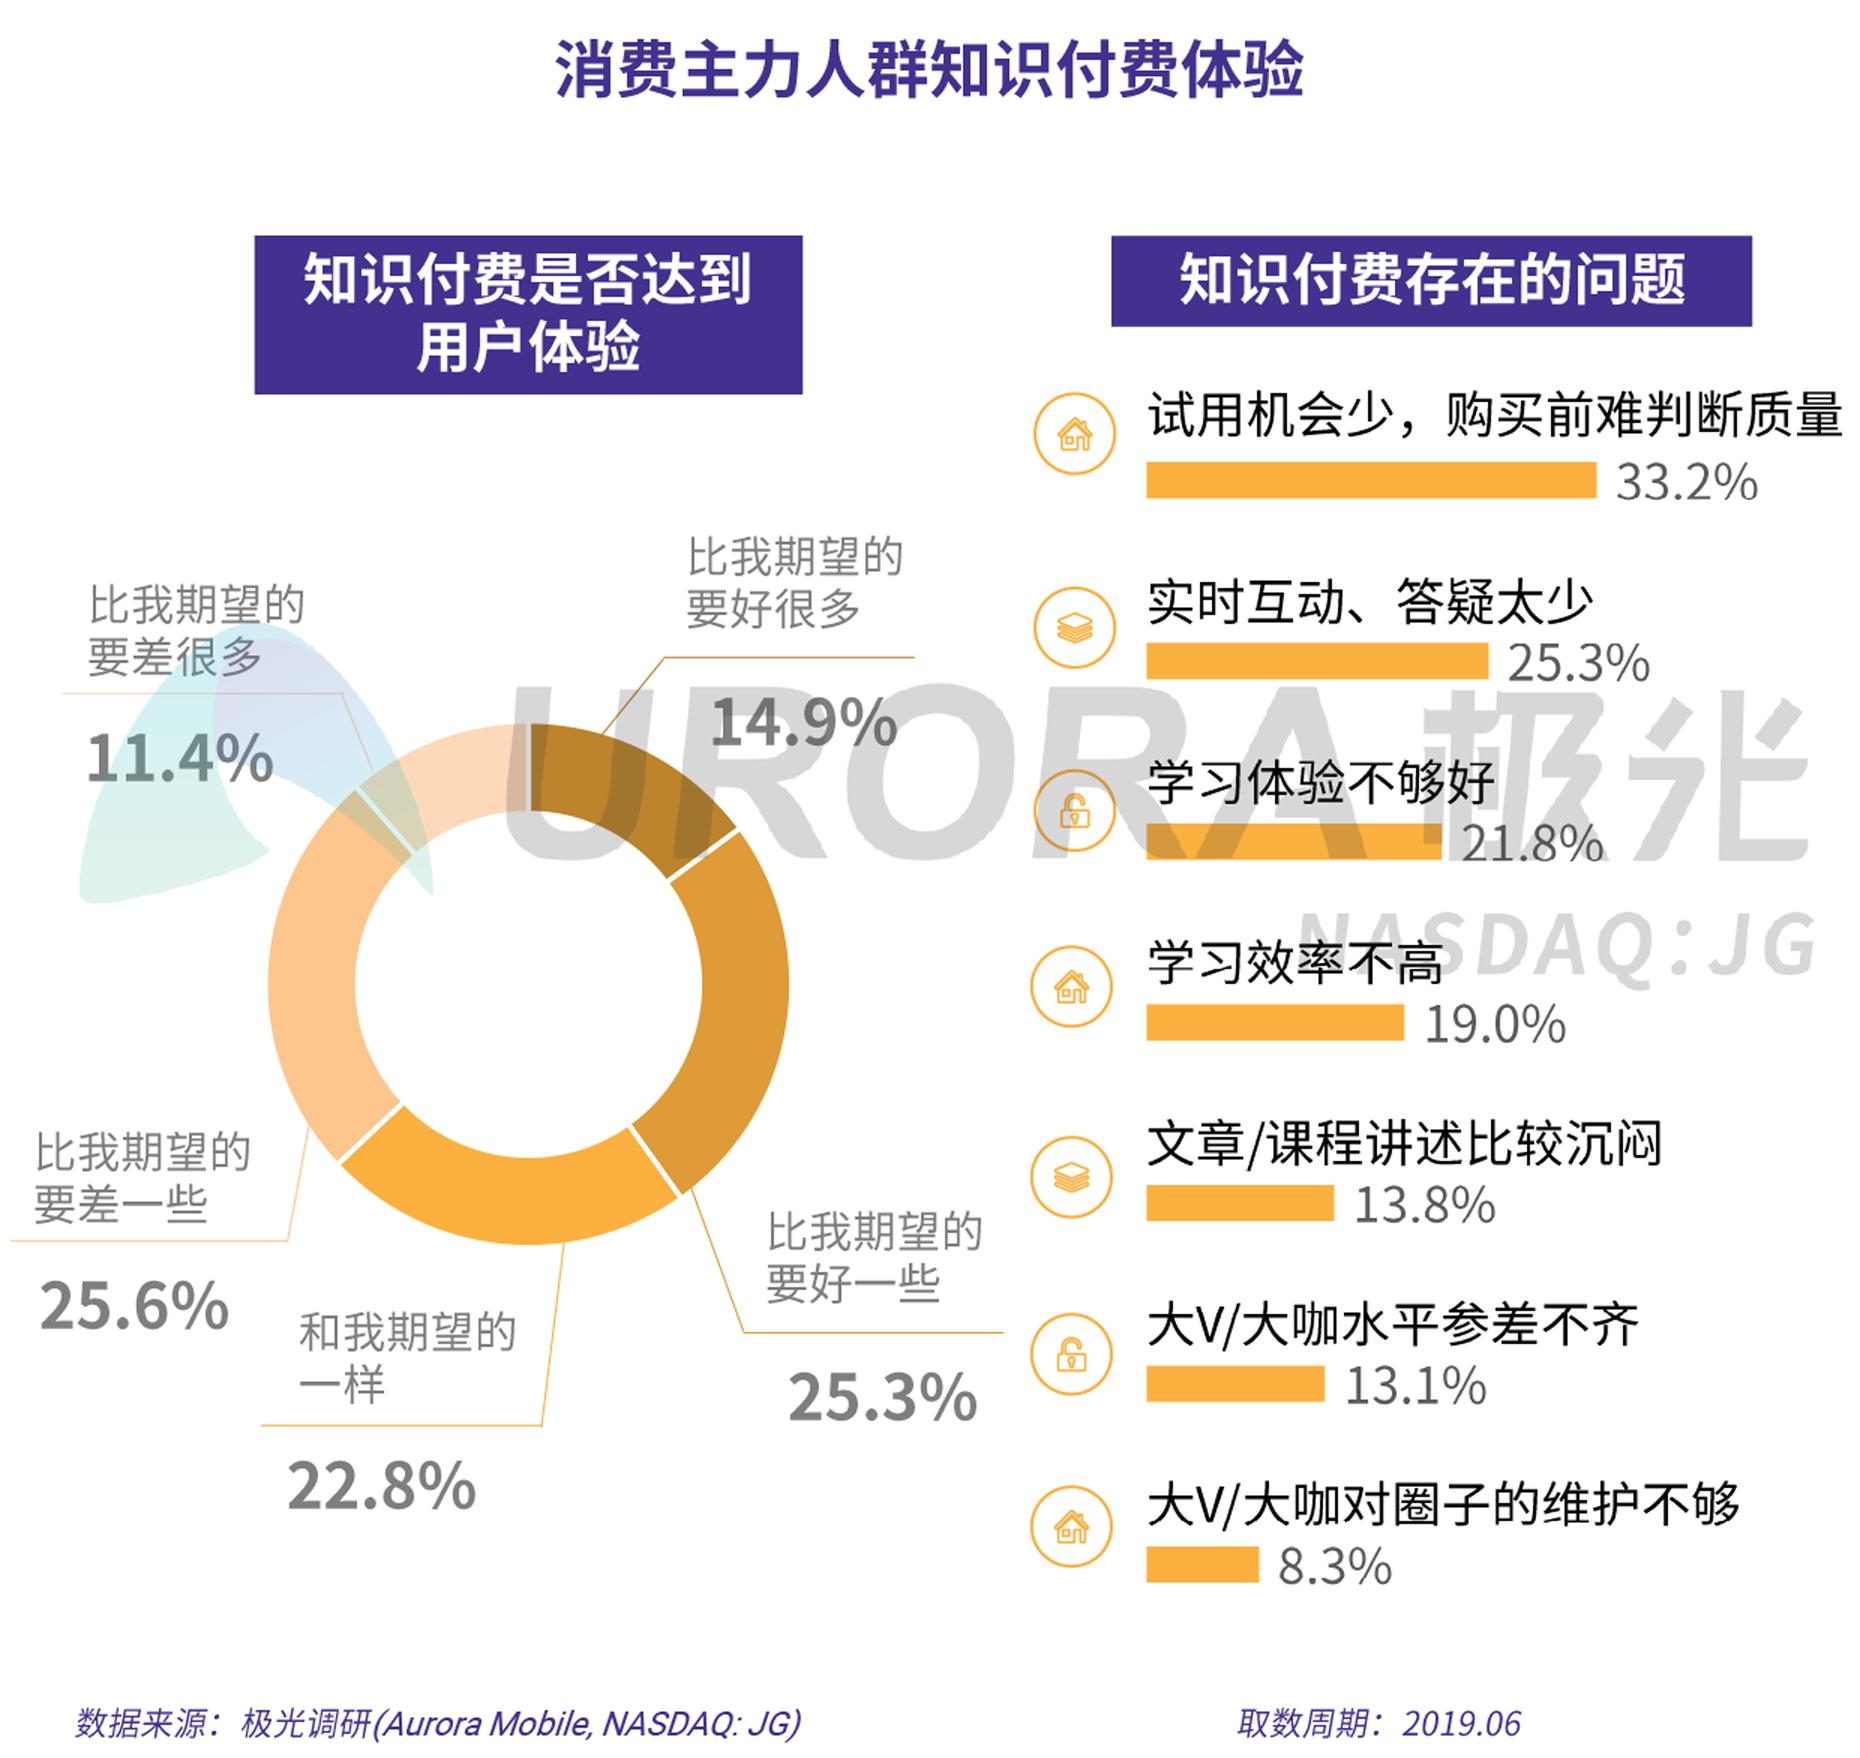 2019年消费主力人群虚拟产品付费研究报告-V5-18.png